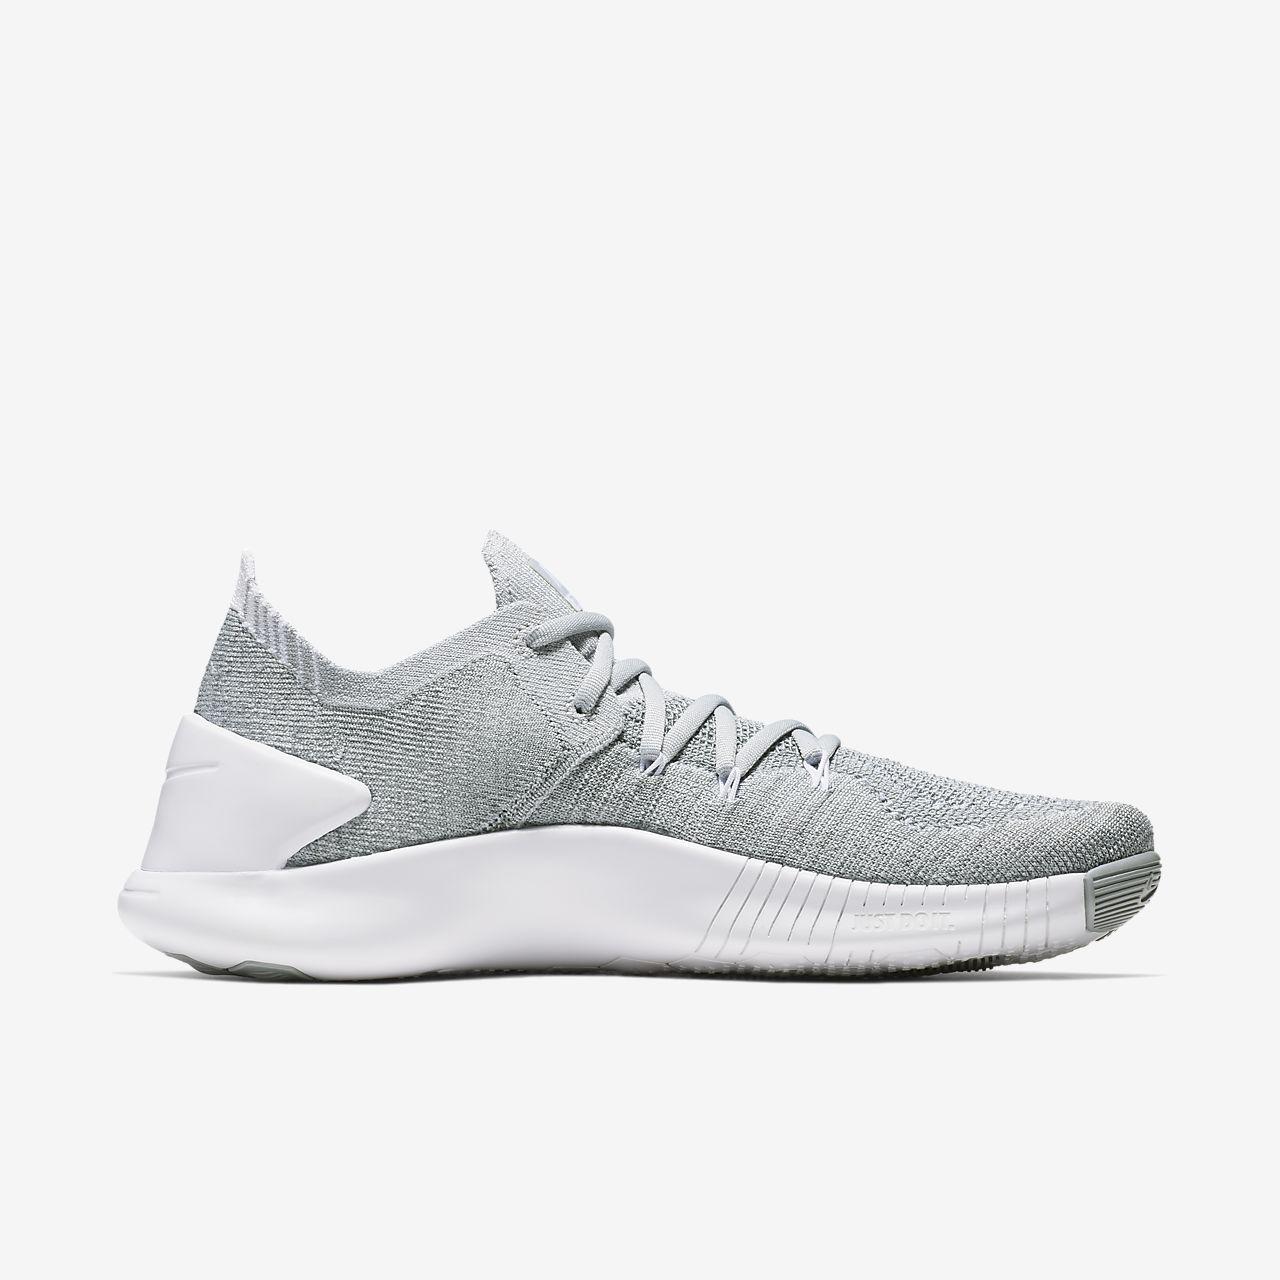 ... Nike Free TR Flyknit 3 Women's Training Shoe